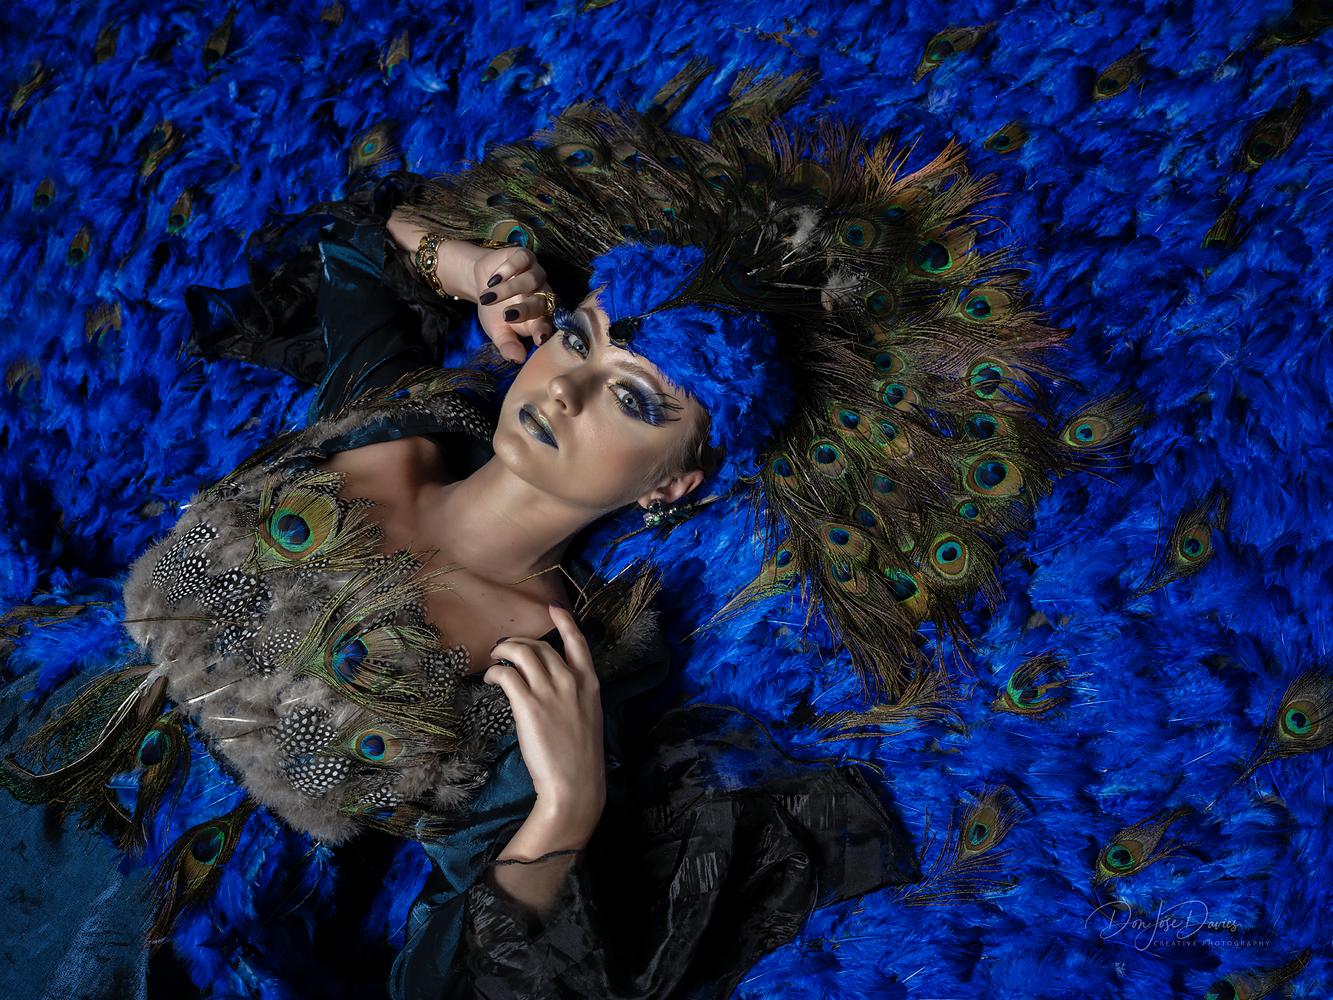 Peacock by Don Jose Romulo Davies